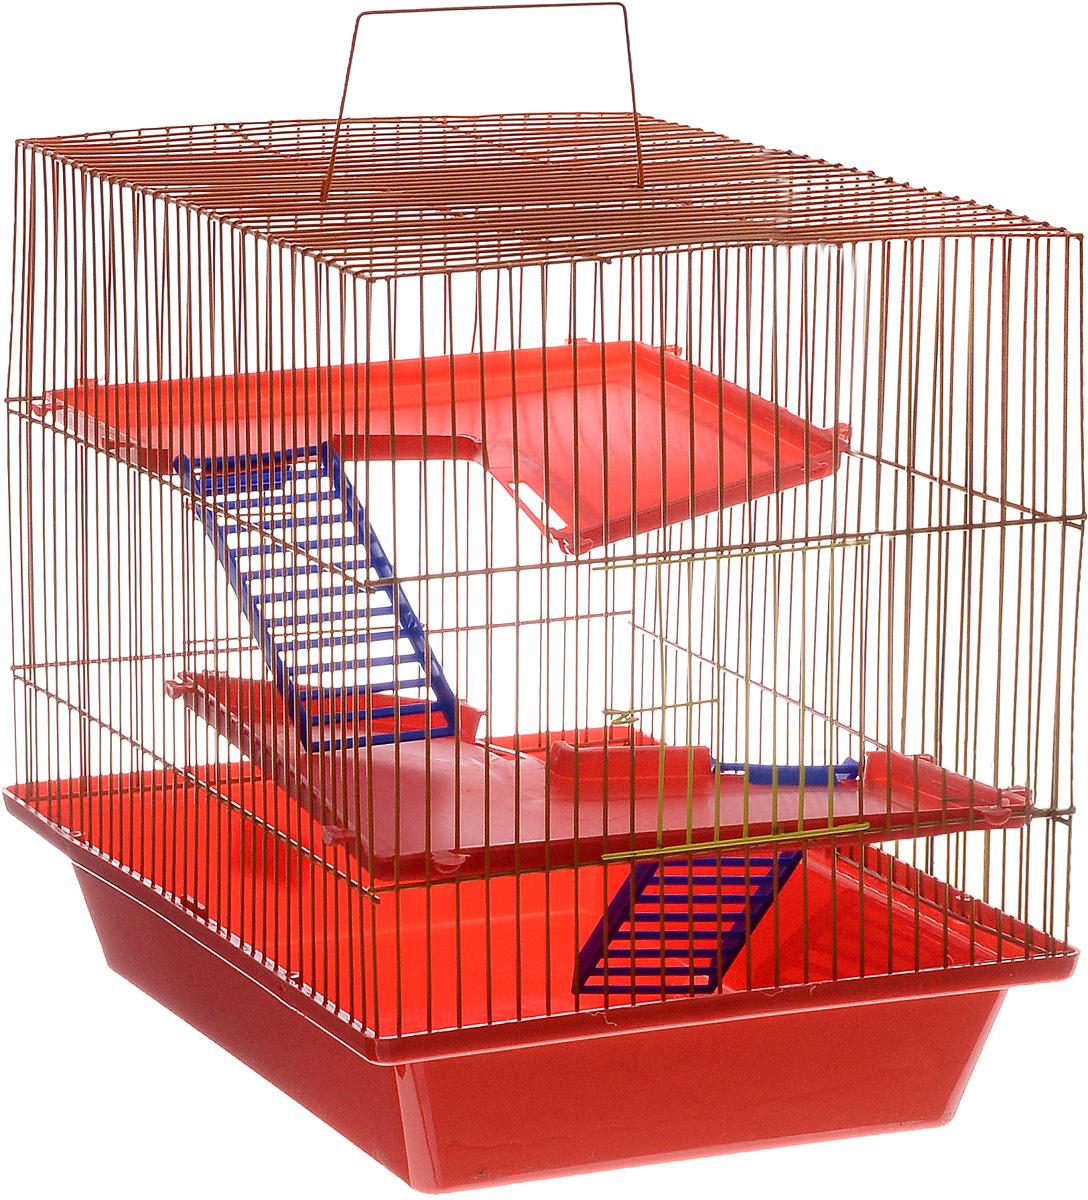 Клетка для грызунов ЗооМарк Гризли, 3-этажная, цвет: красный поддон, оранжевая решетка, красные этажи, 41 х 30 х 36 см230КОКлетка ЗооМарк Гризли, выполненная из полипропилена и металла, подходит для мелких грызунов. Изделие трехэтажное. Клетка имеет яркий поддон, удобна в использовании и легко чистится. Сверху имеется ручка для переноски. Такая клетка станет уединенным личным пространством и уютным домиком для маленького грызуна.